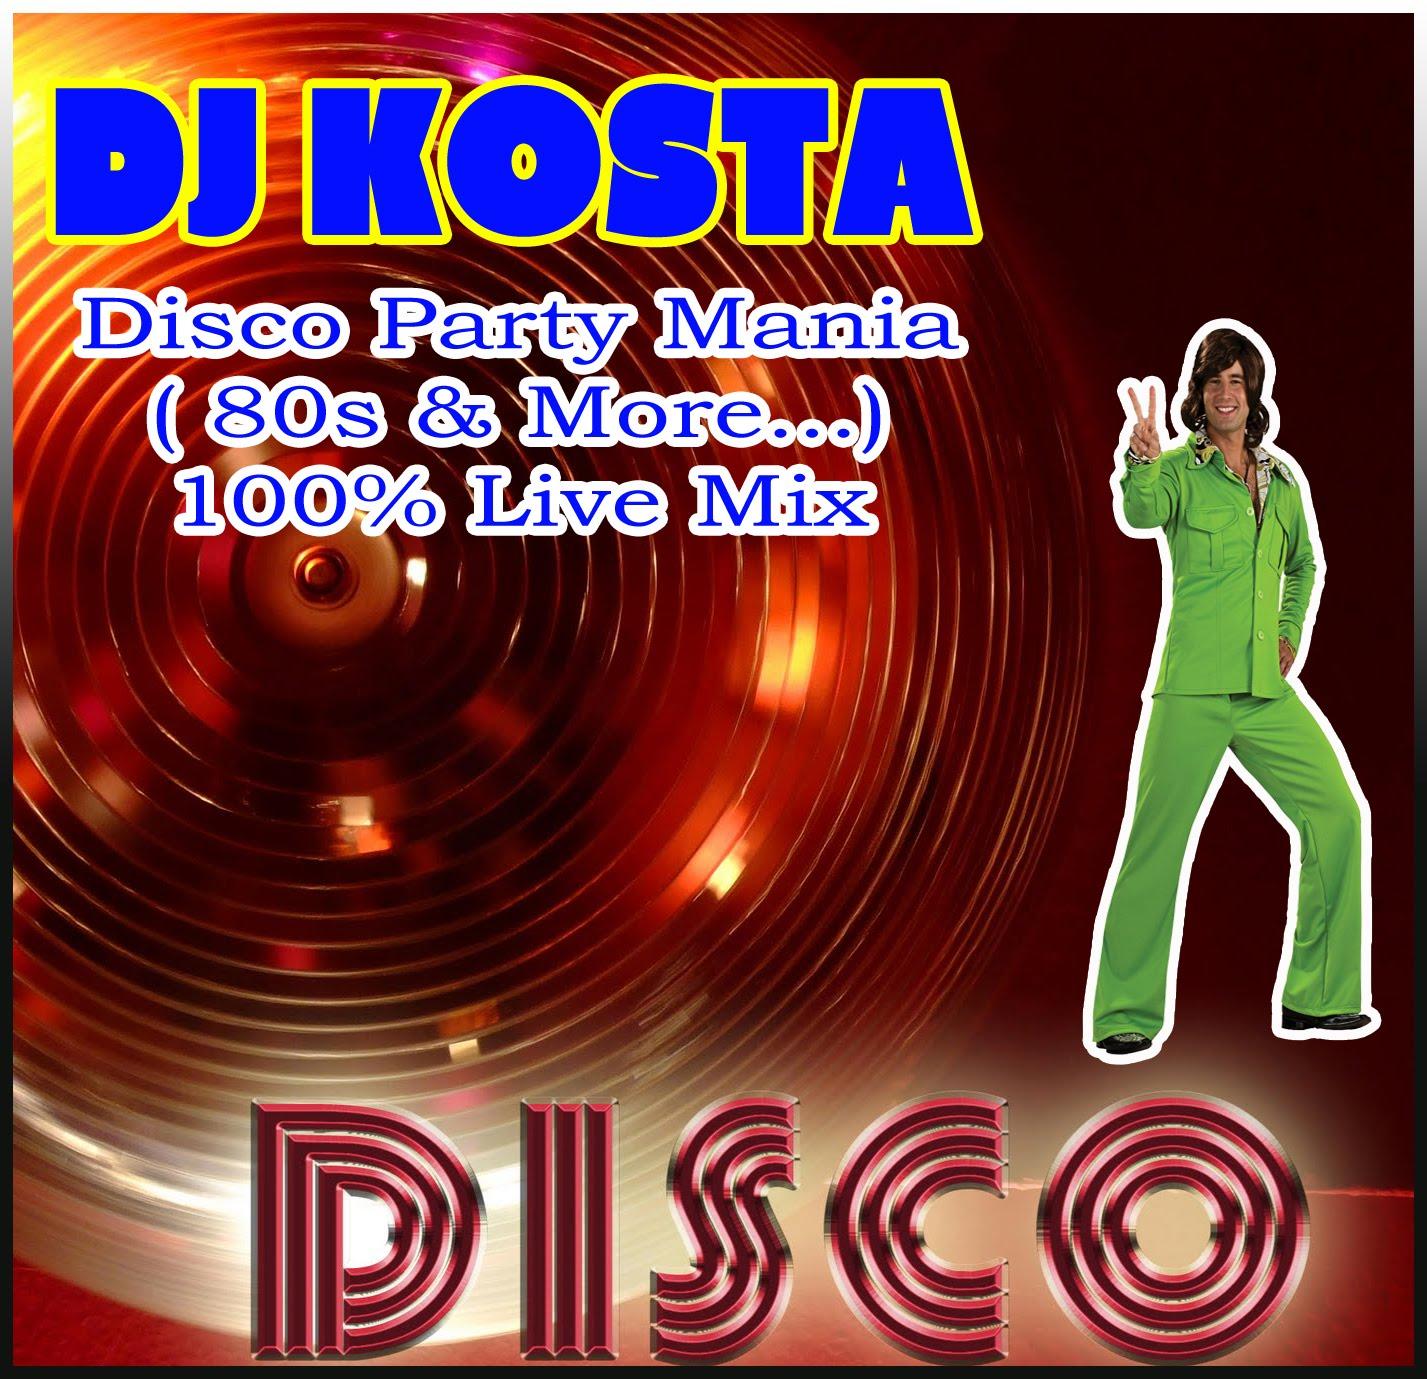 DJ Kosta Discopartymania